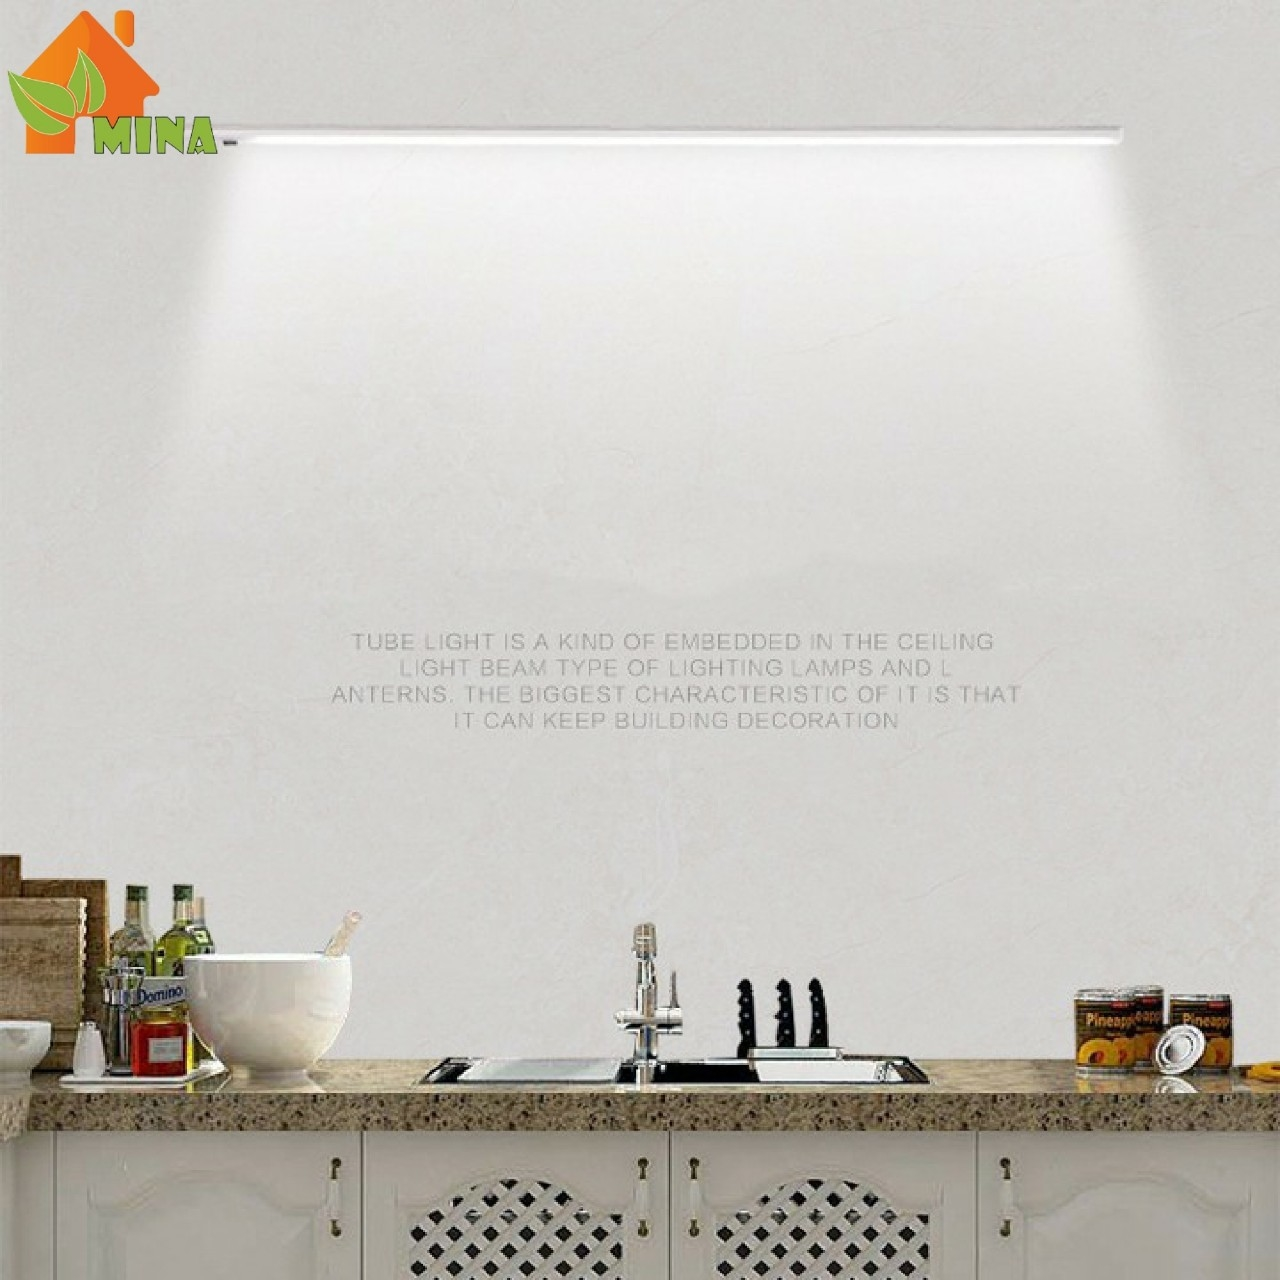 [GIÁ SẬP SÀN]_Đèn led tủ bếp cảm ứng MINA, Đèn led tủ bếp vẫy tay, Đèn led tủ bếp cảm ứng vẫy tay, Đèn led tủ bếp bật tắt không chạm_Combo 2 đèn 1 mét anh sáng vàng_ Tặng 1 nguồn 24 V trị giá 120k